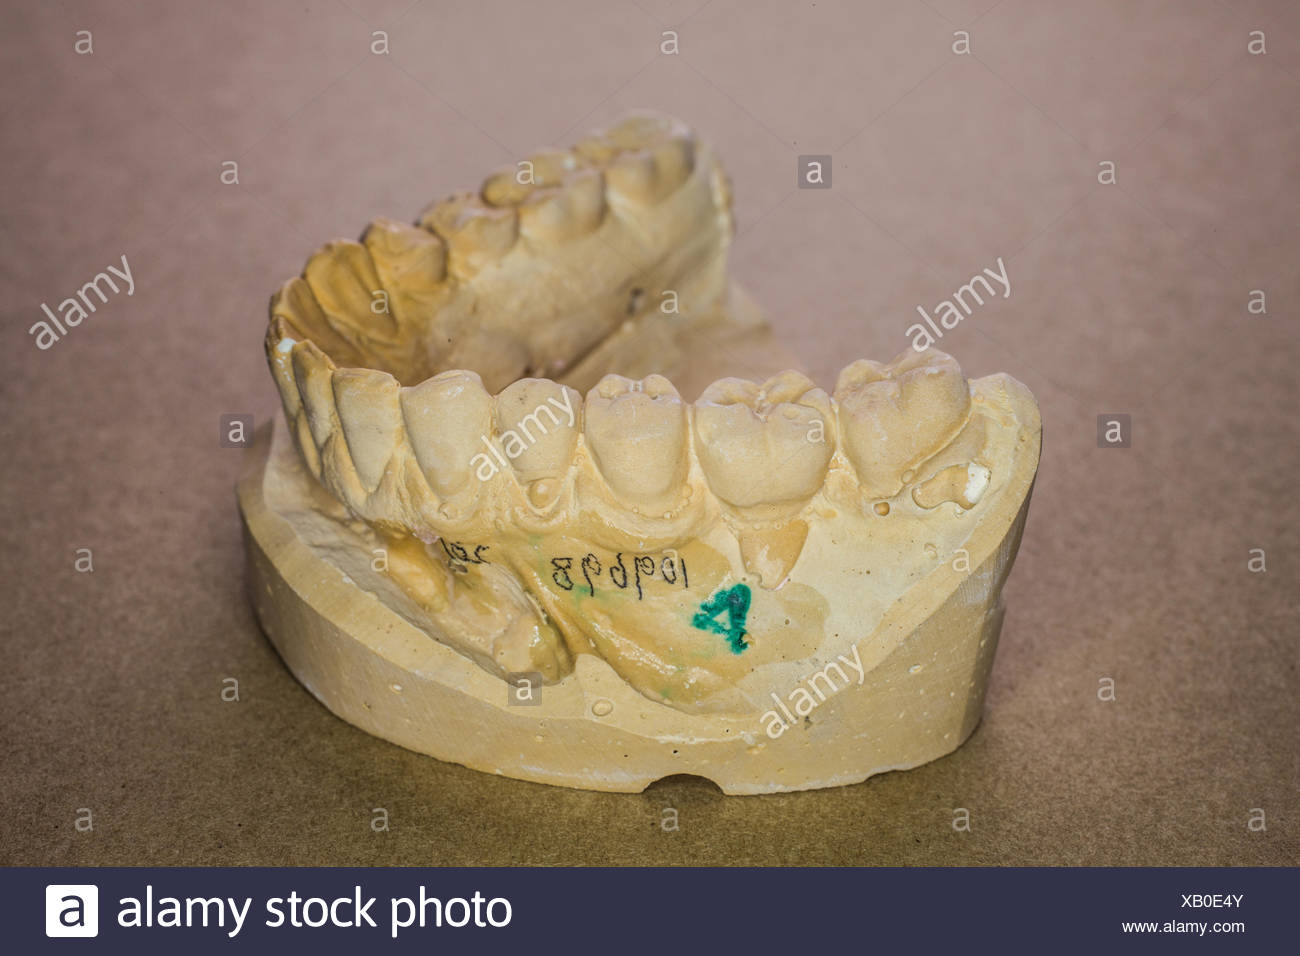 mandibular impression - Stock Image